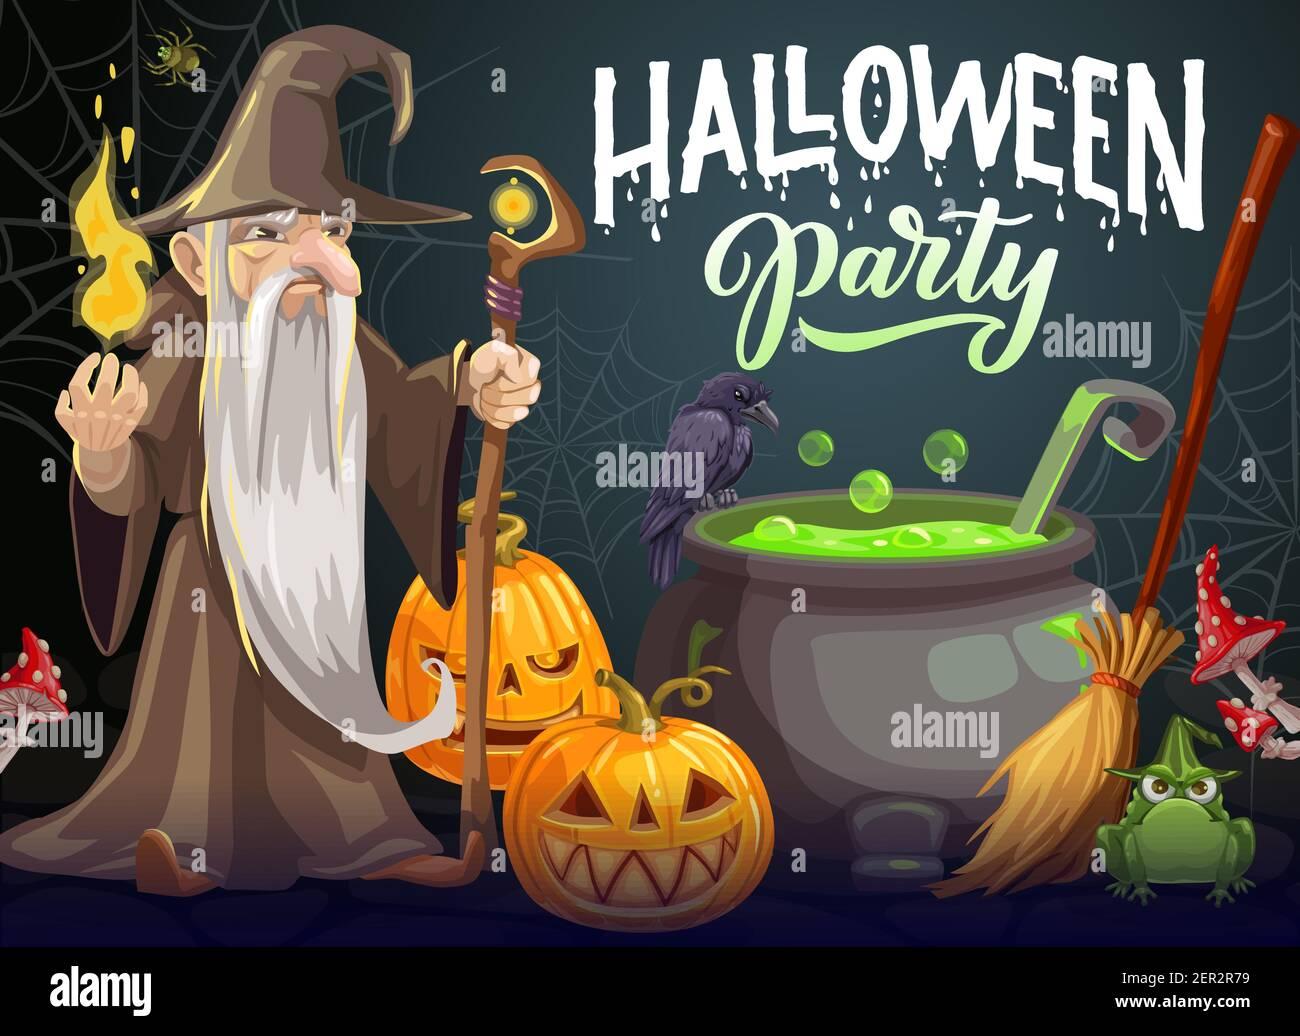 Cartel del vector de la historieta de la fiesta de Halloween. Mago con larga barba blanca, bata y sombrero mantener el personal mágico y fuego cerca de la caldera con poción verde. Halloween Ilustración del Vector